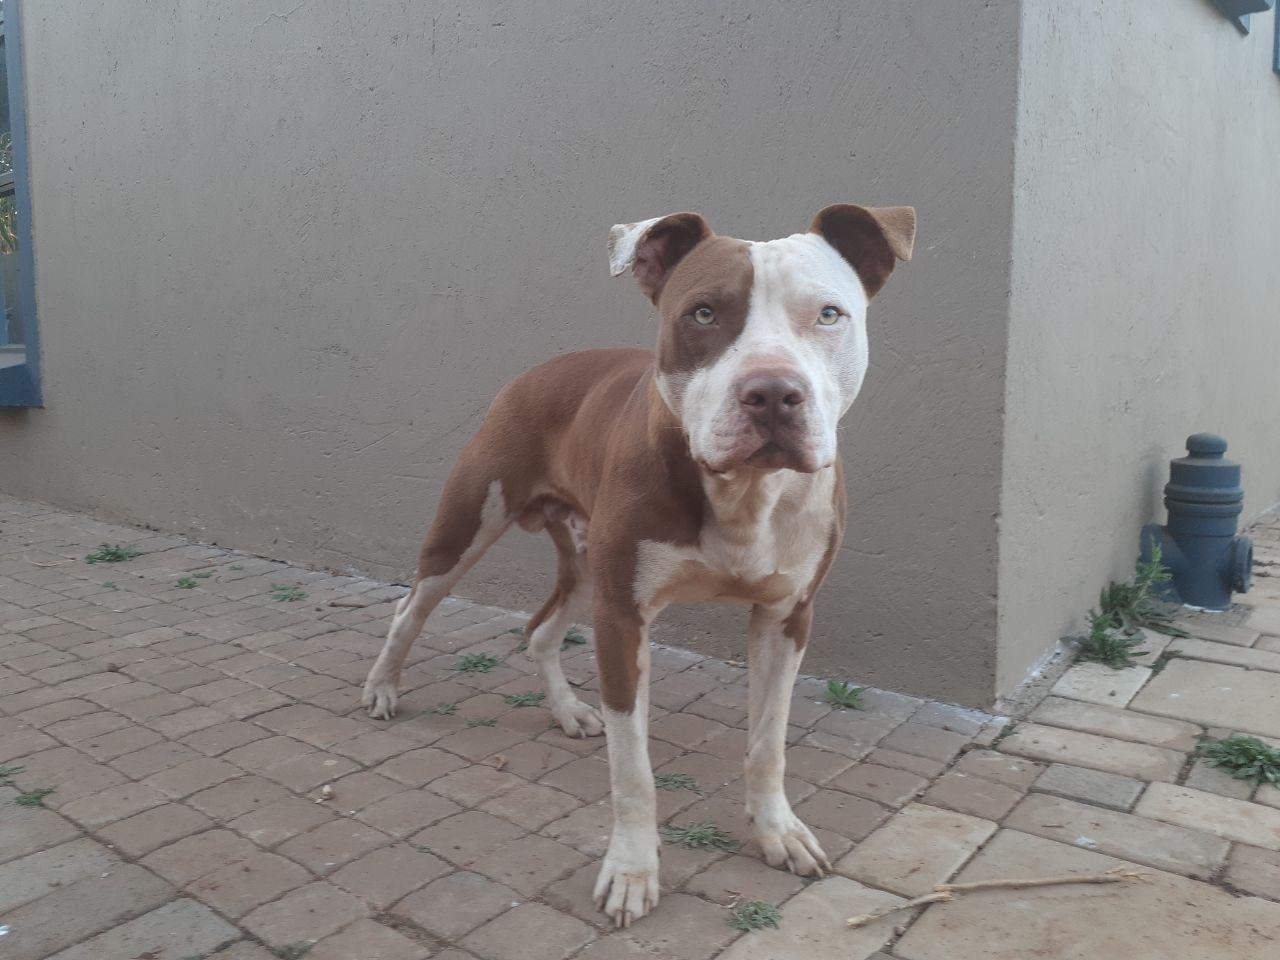 Pitbull Puppies in Pretoria (05/10/2021)